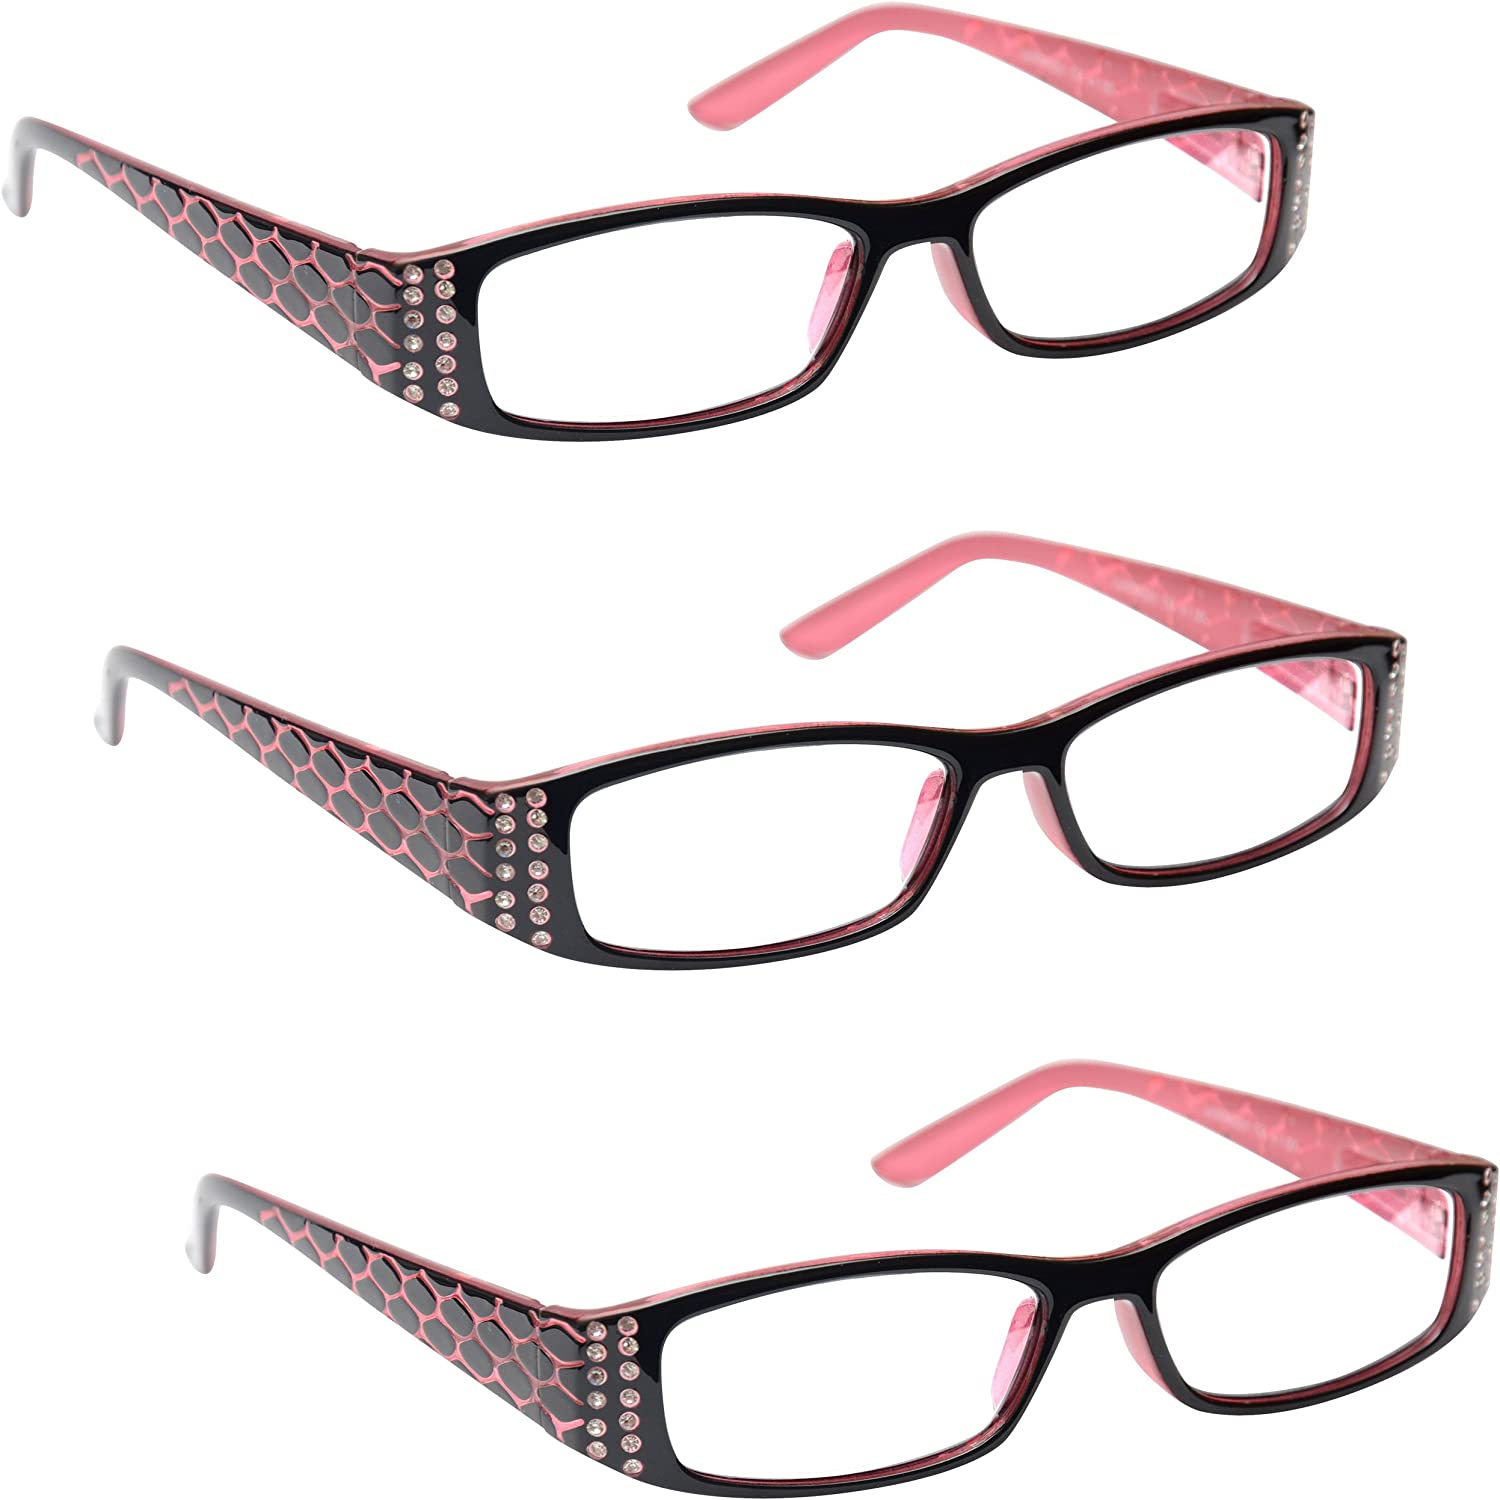 UV Reader Rosa Nero Occhiali Da Lettura Valore 3 Pacco Stile Designer Donna Signora Cerniere Molla UVR3PK001 1,00